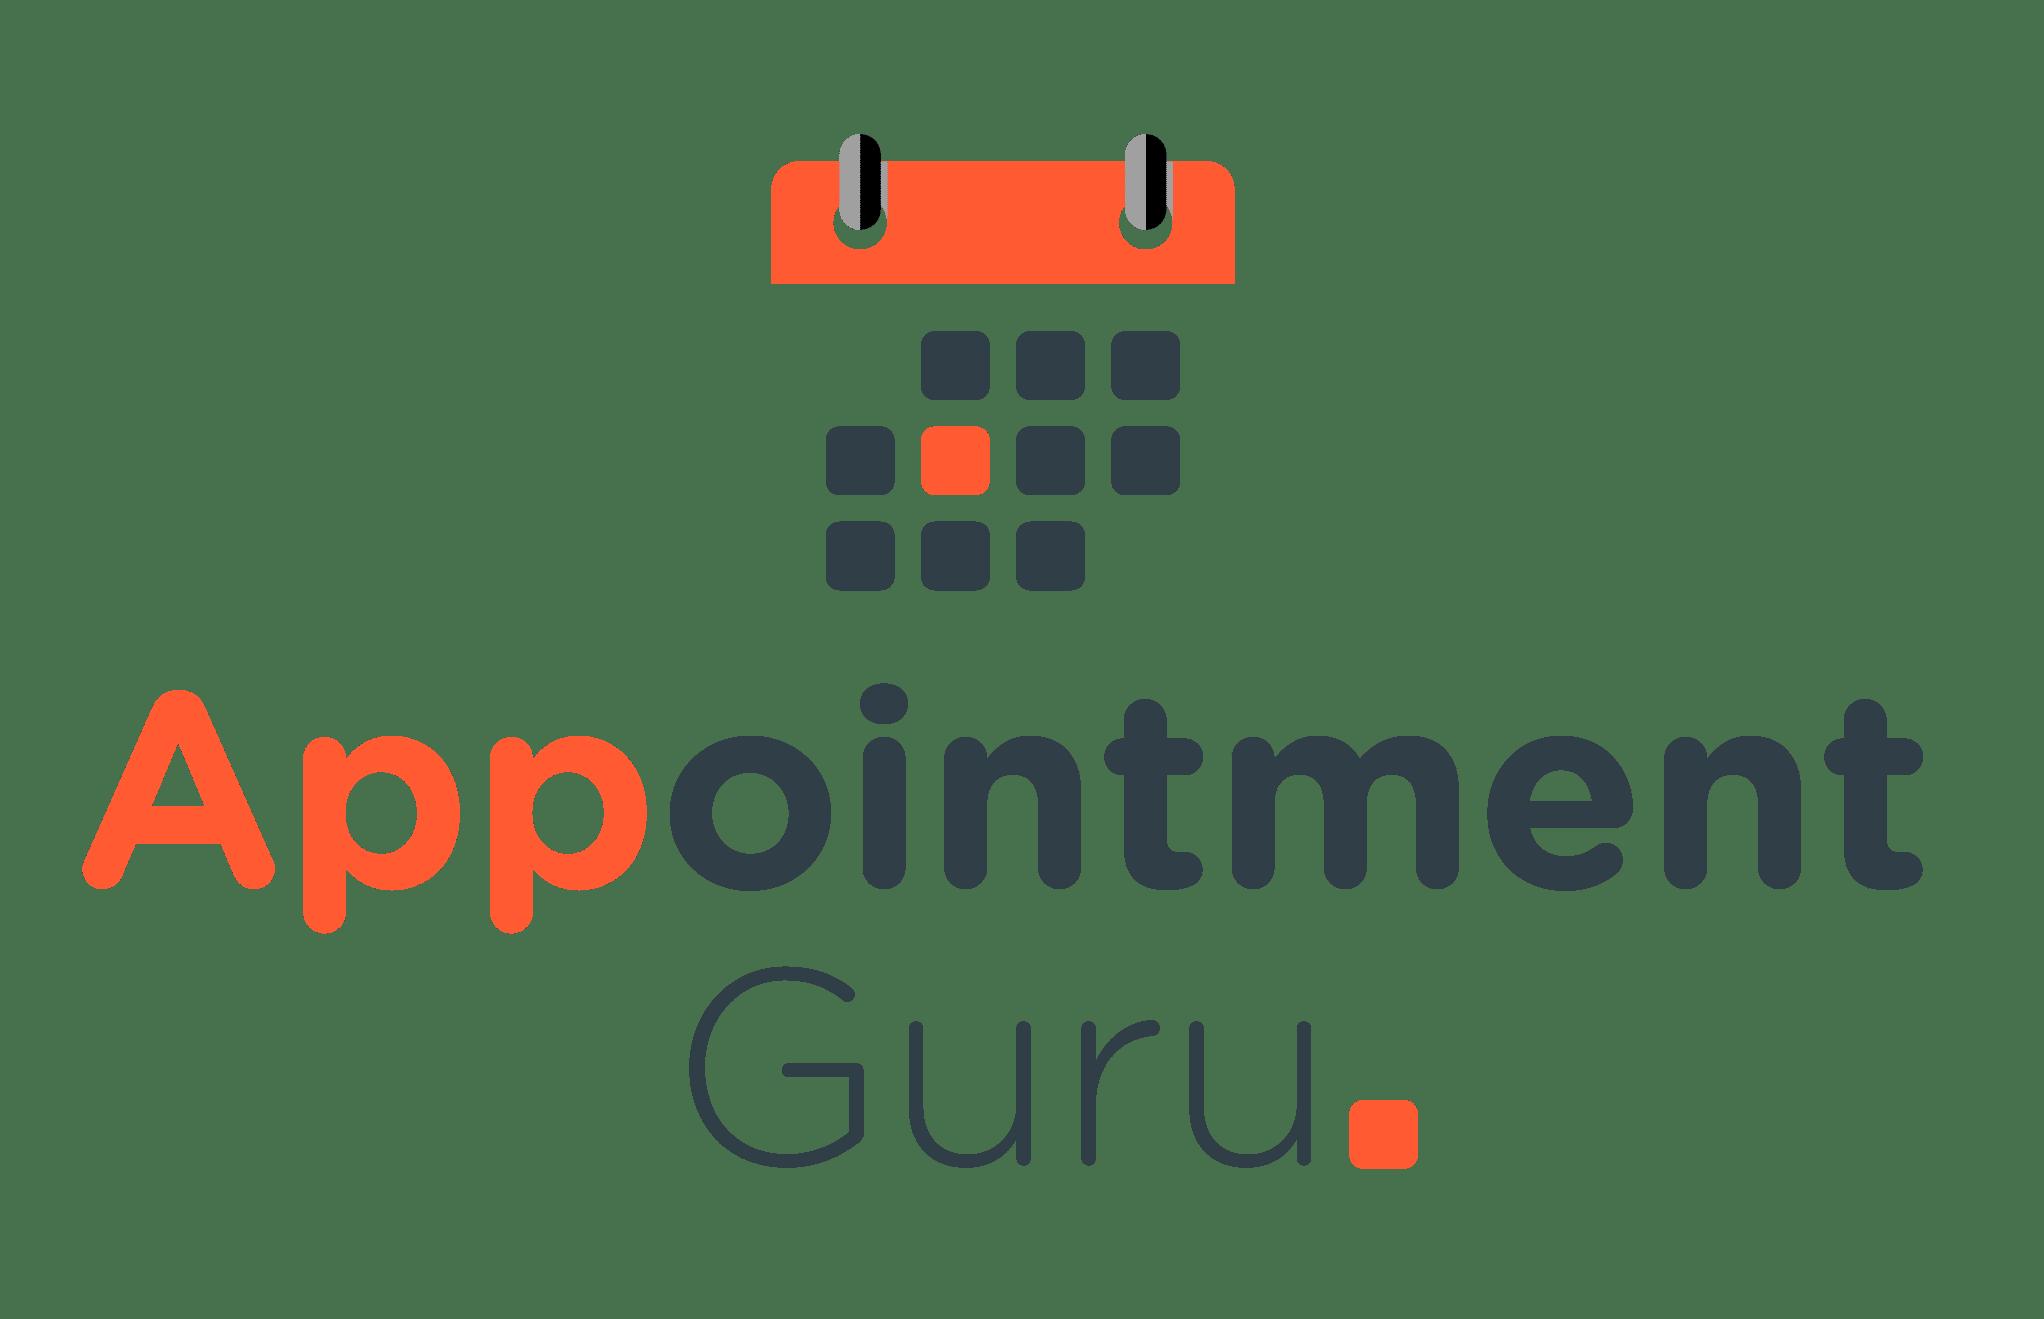 AppointmentGuru logo - vertical